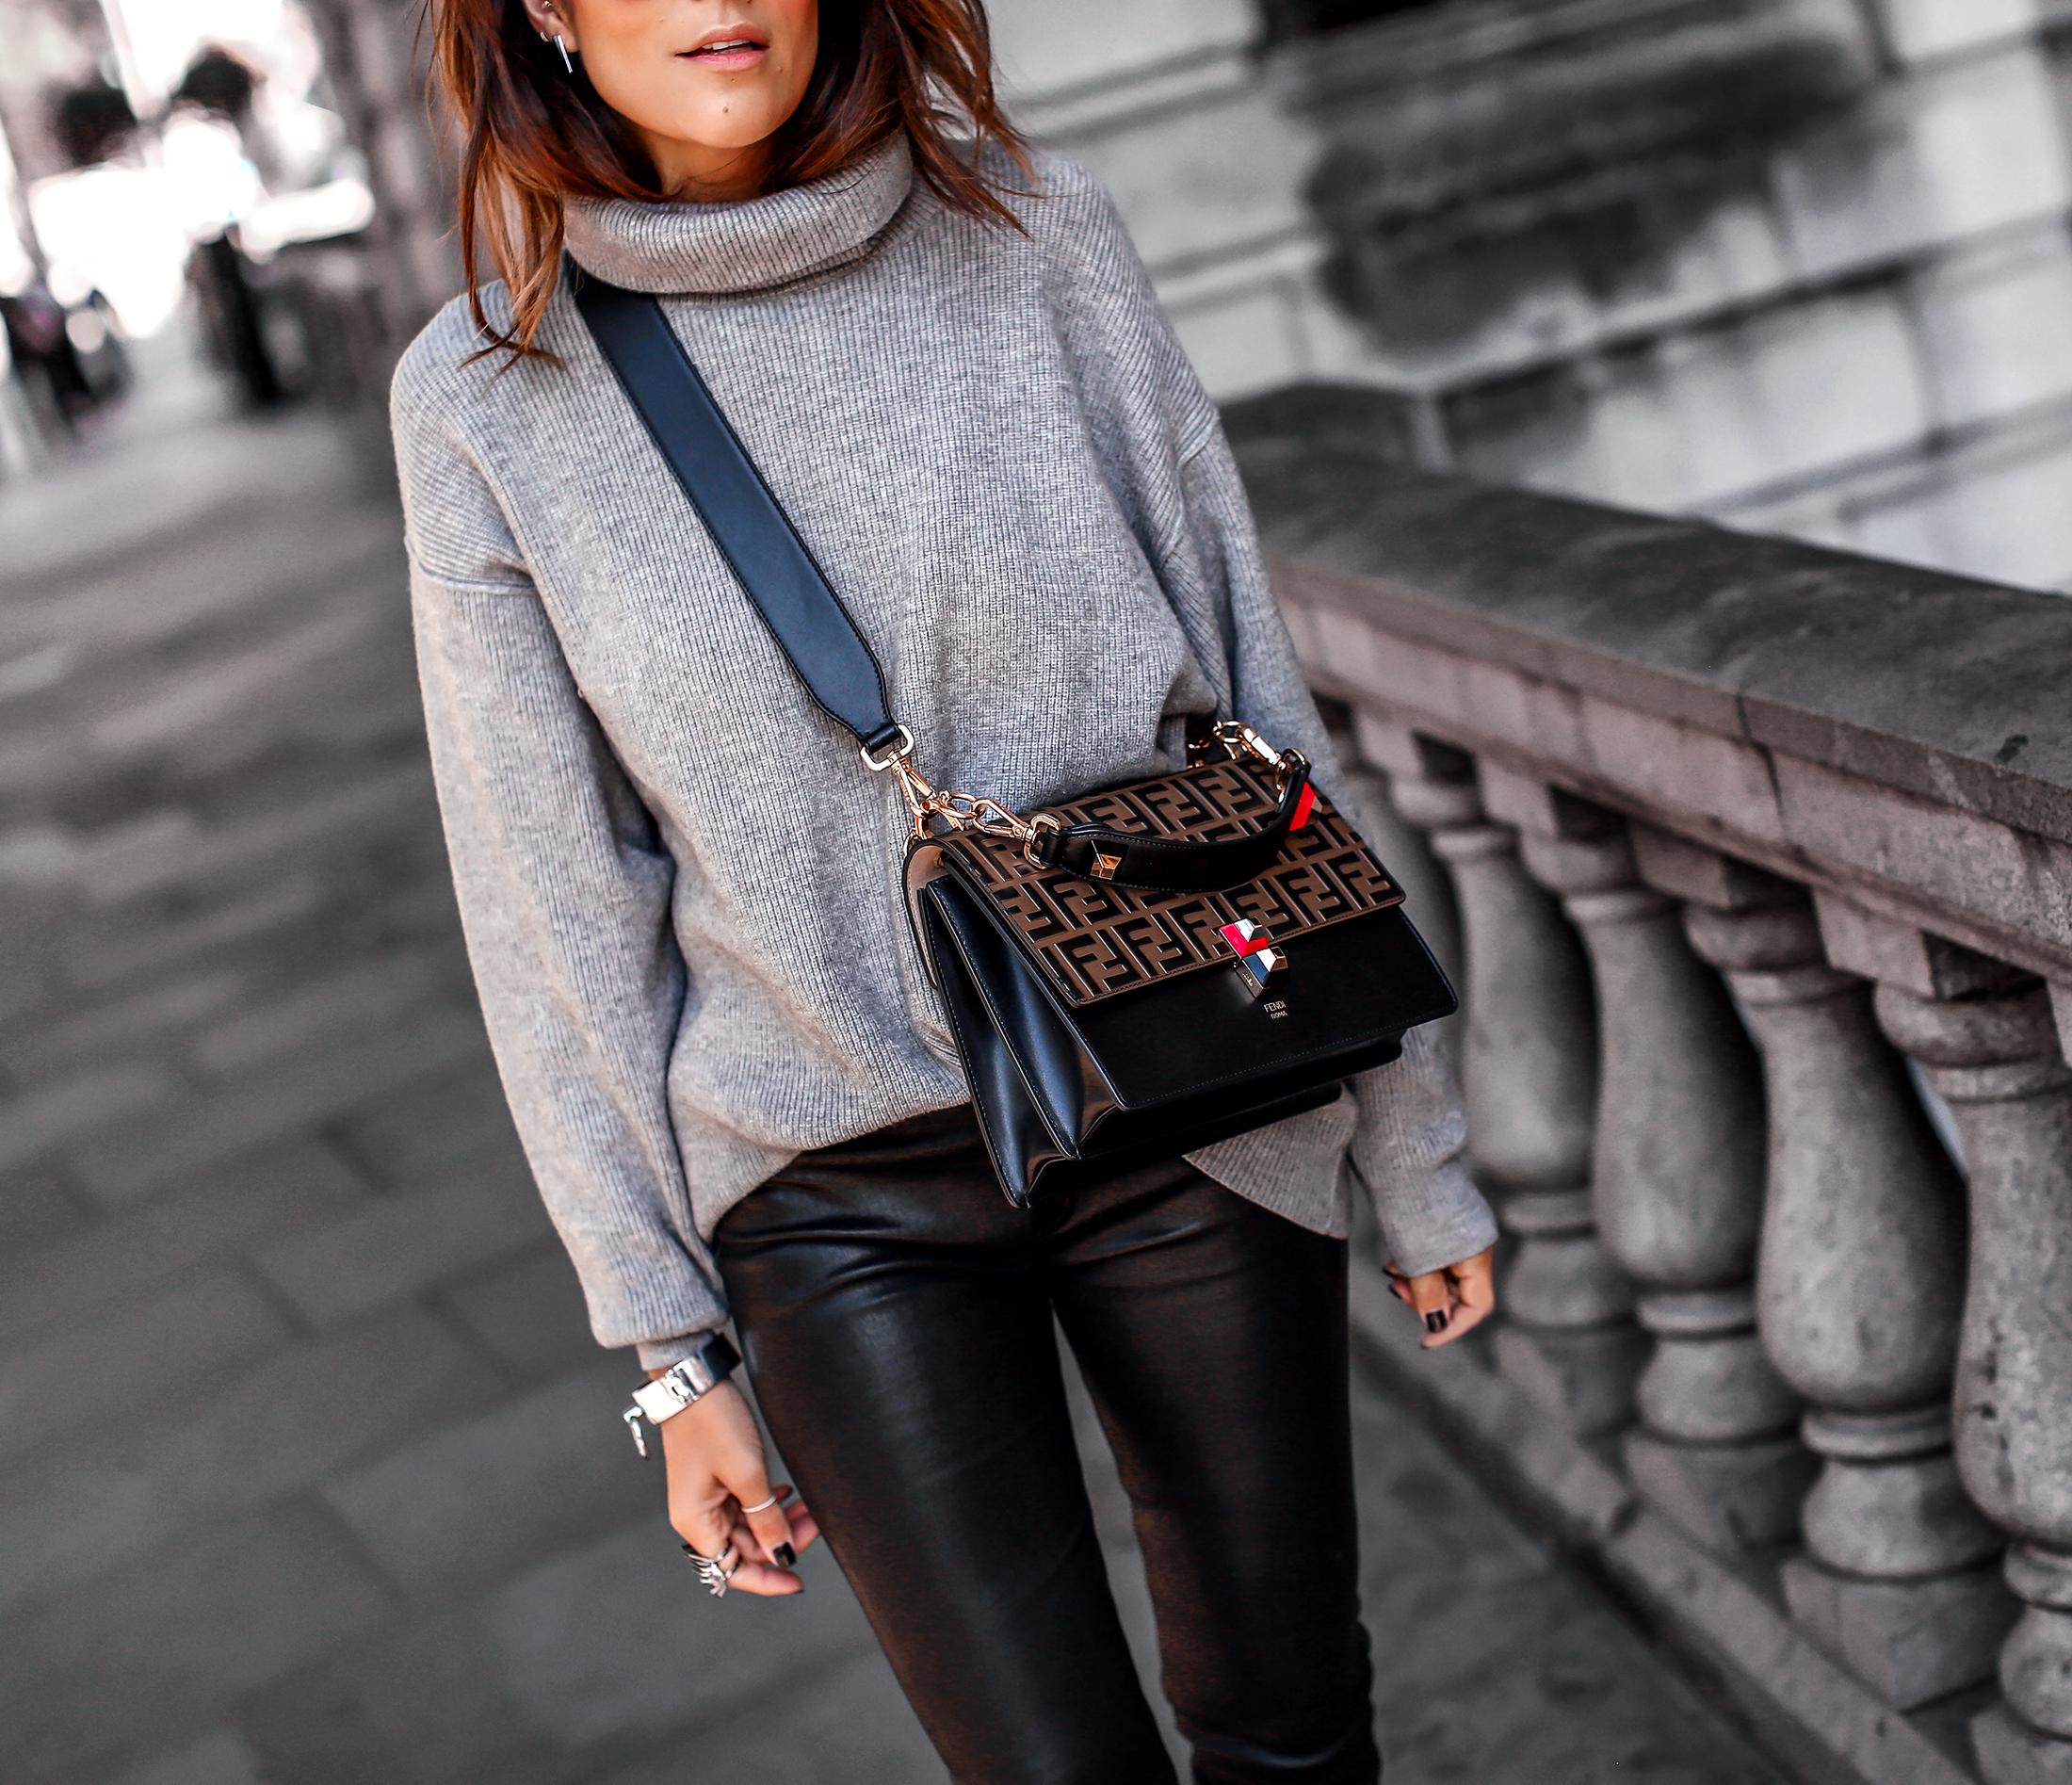 Brunette Woman Walking